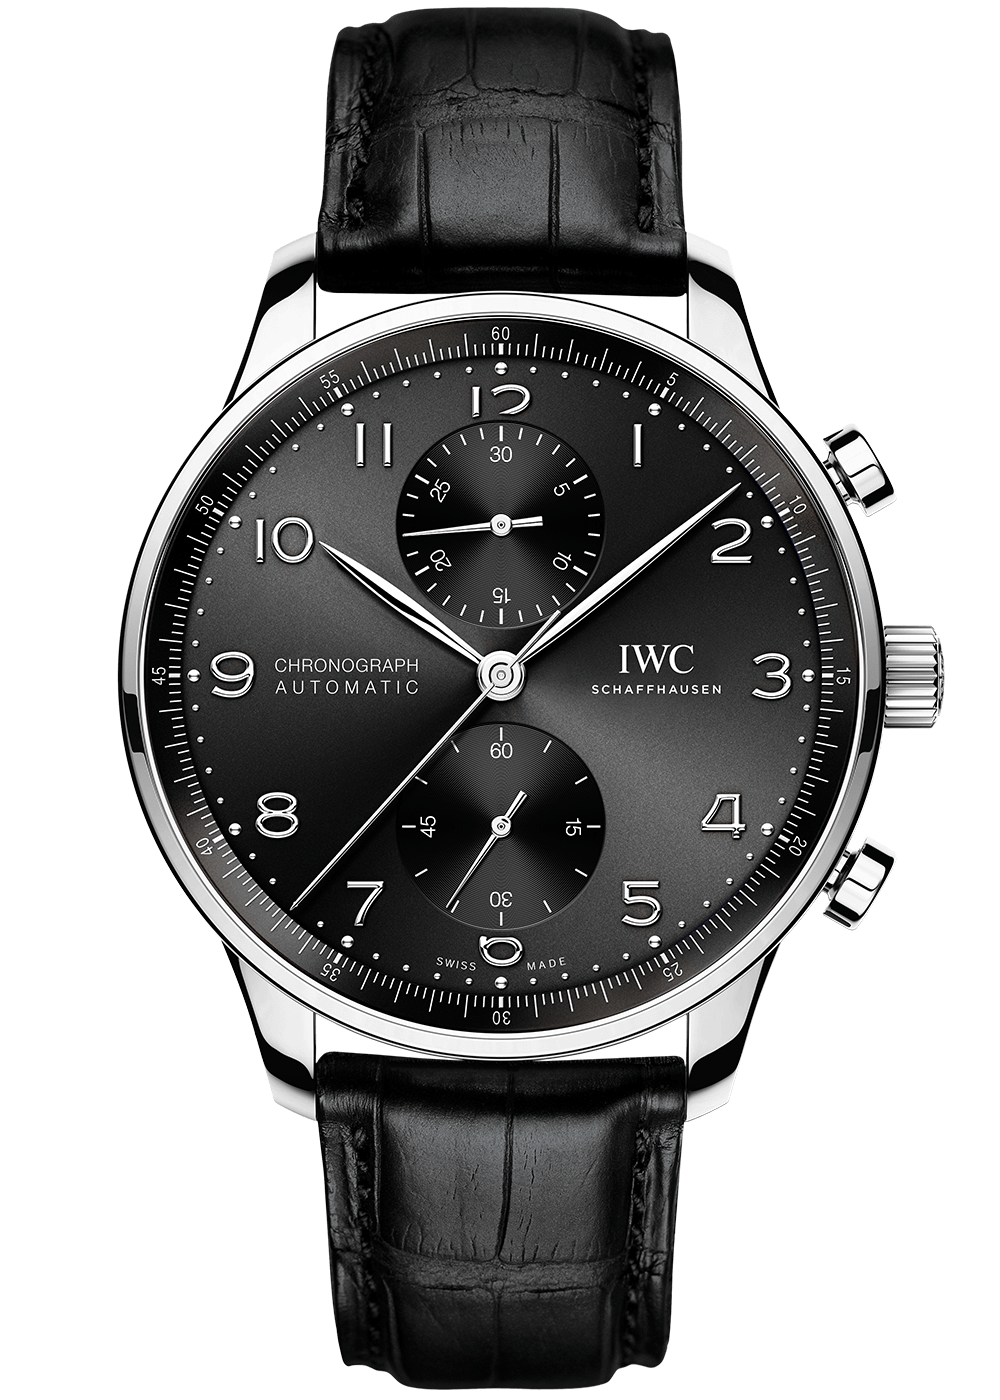 iwc-portugieser-chronograph-manufakturwerk